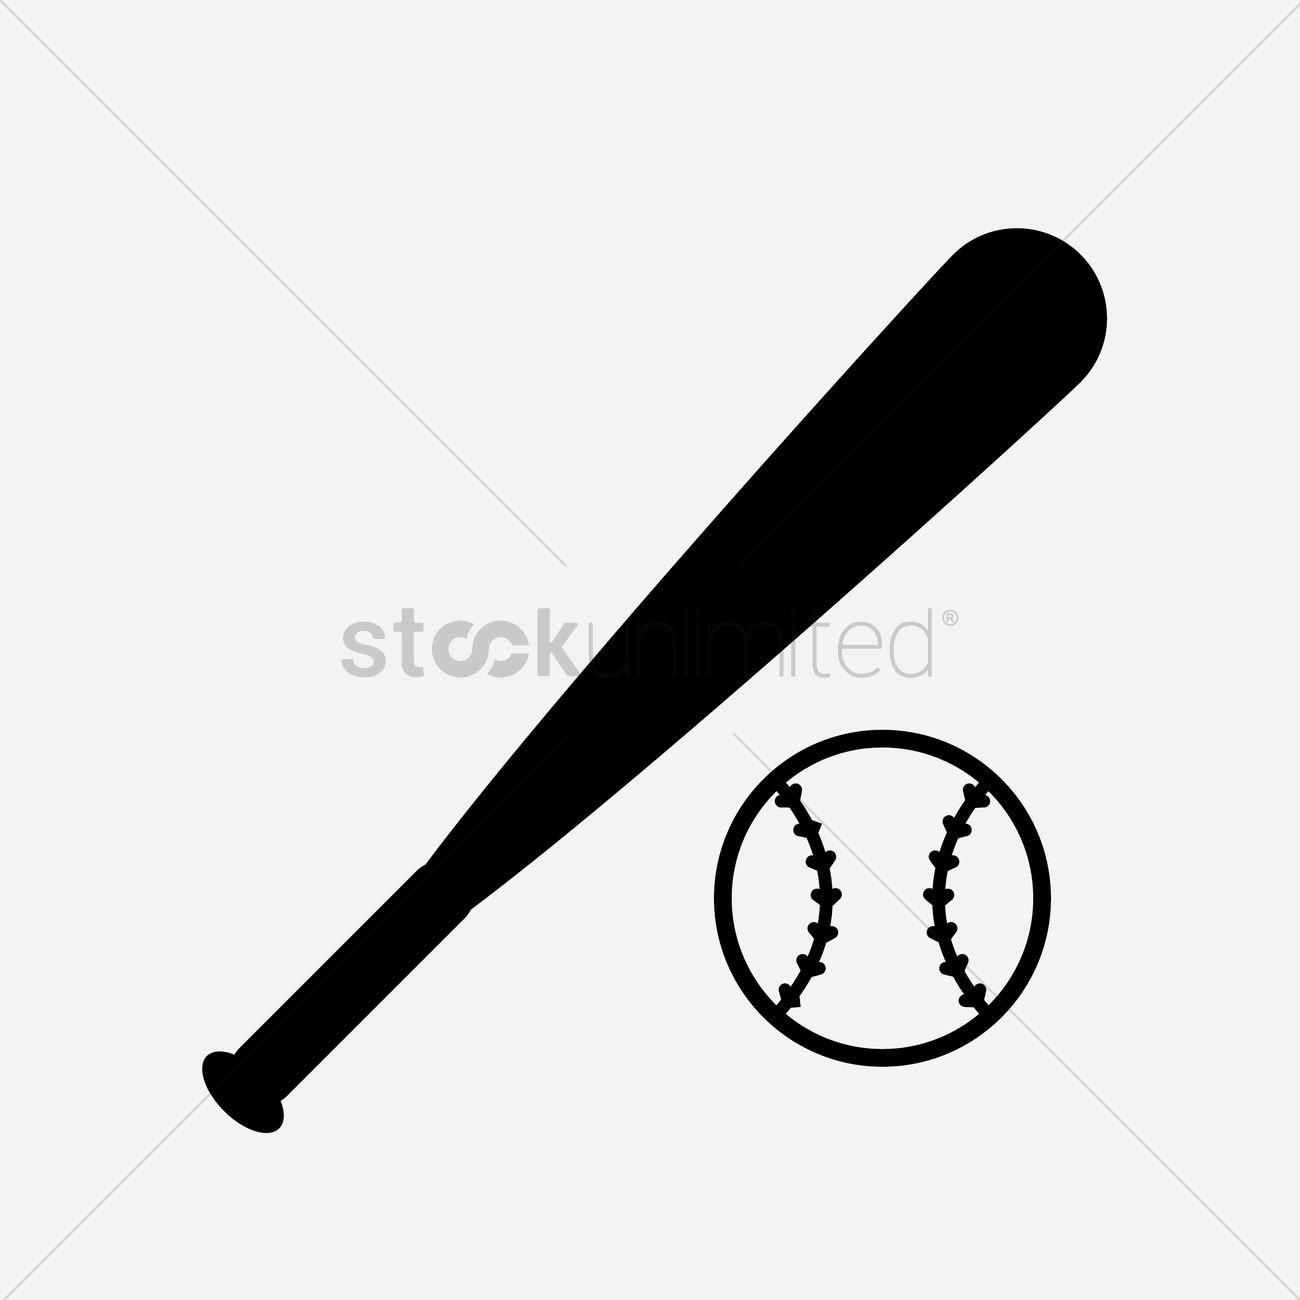 Baseball ball and bat cartoon clip art Royalty Free Vector  |Baseball Bat And Ball Vector